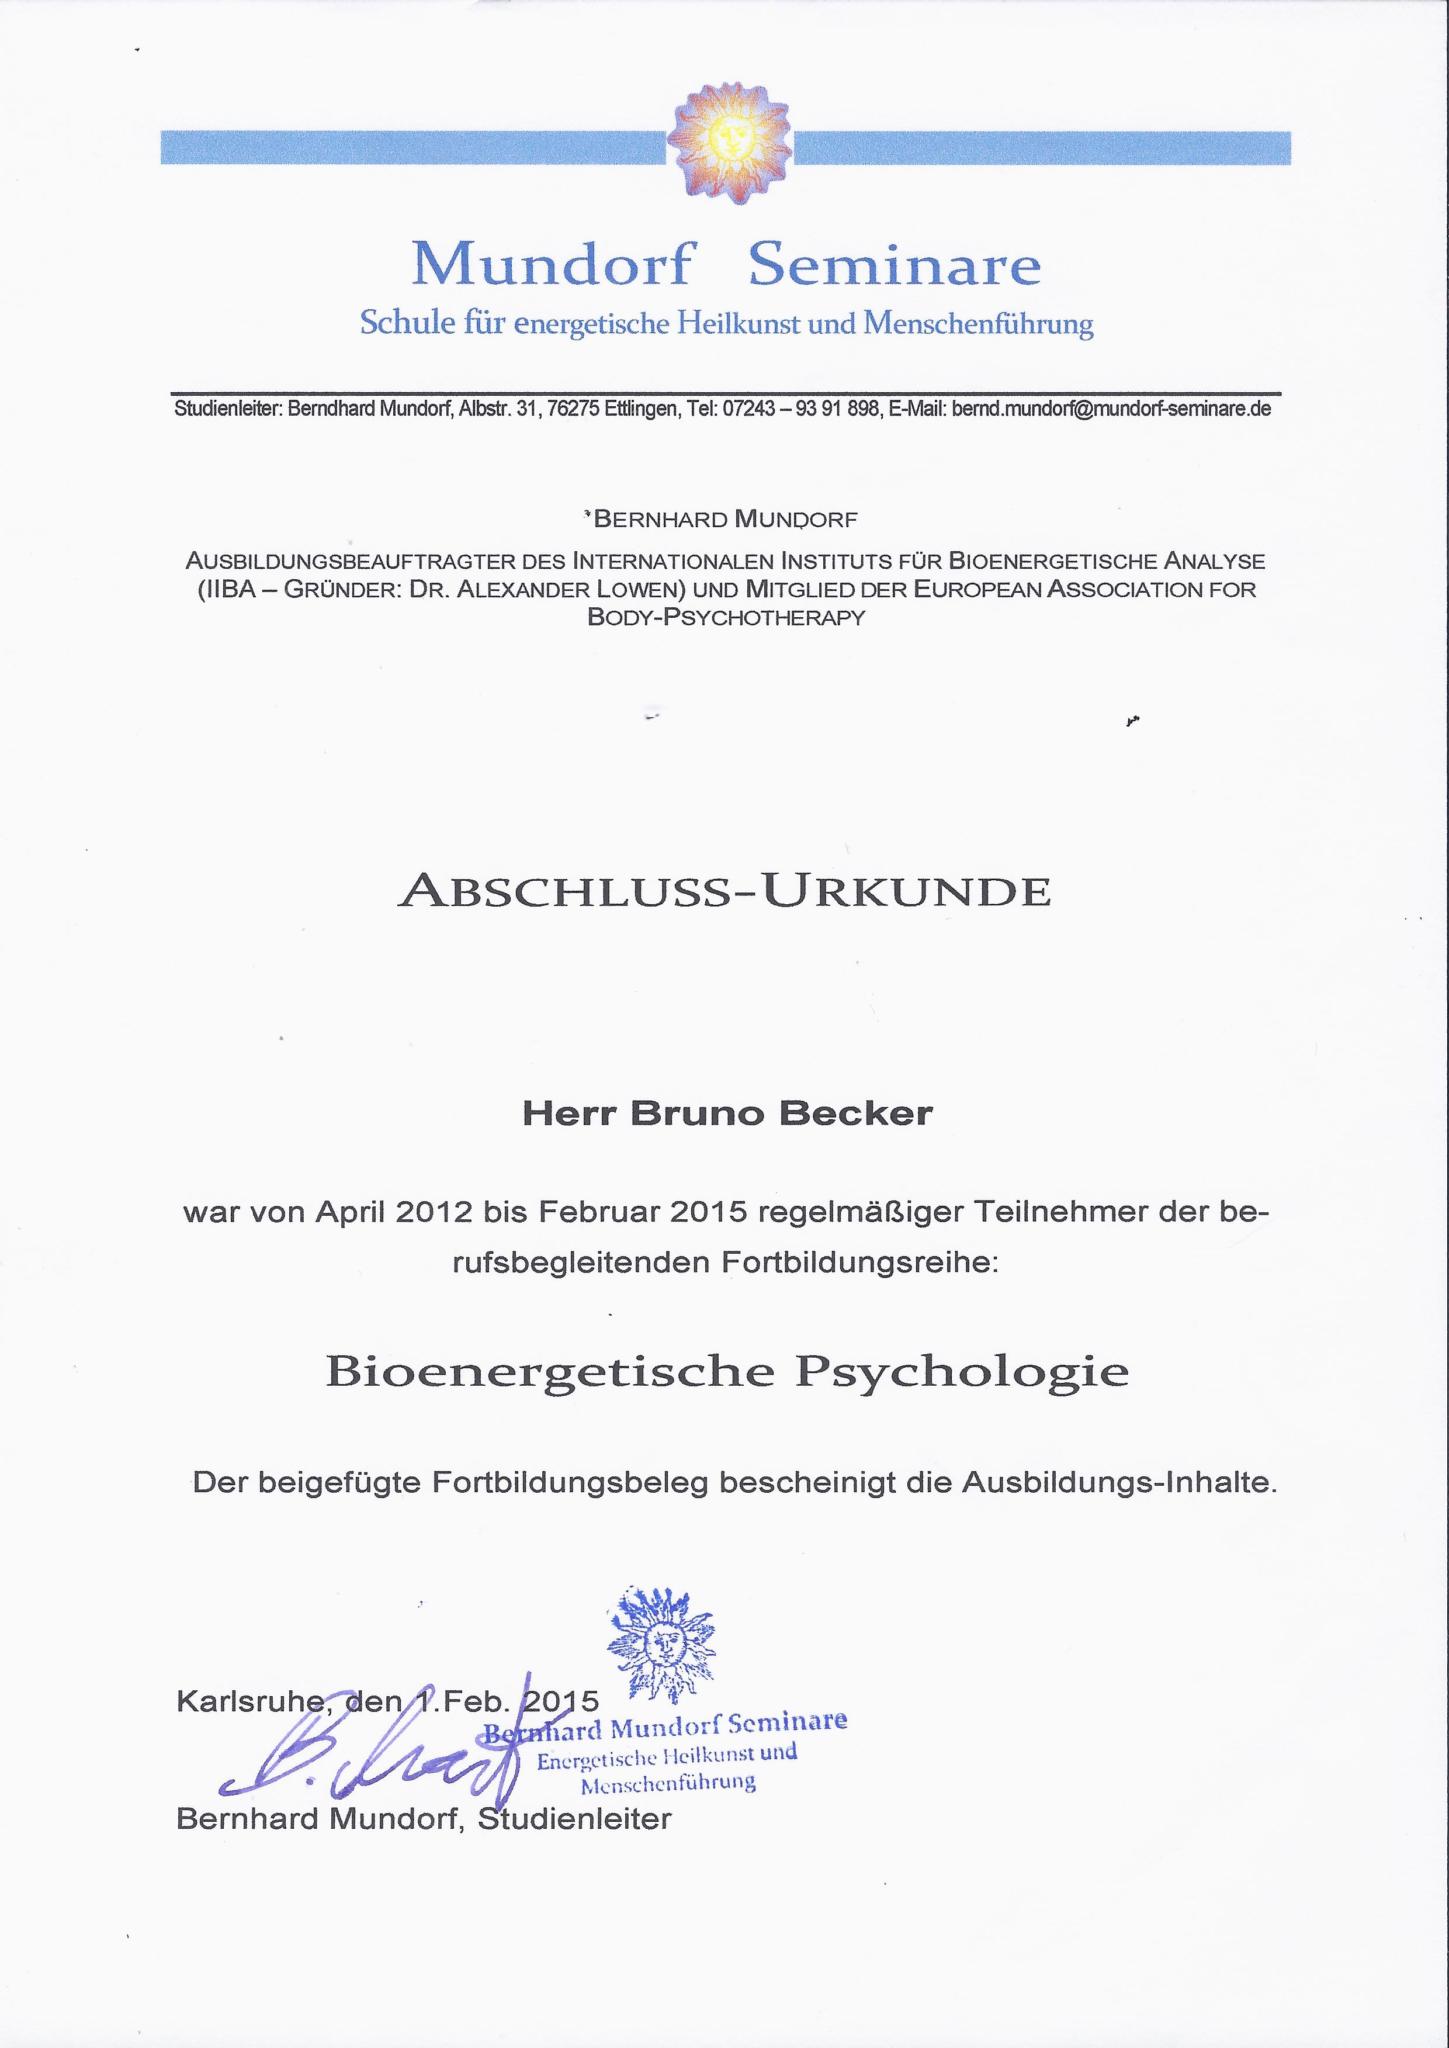 Bruno Becker Osteopathie Abschlussurkunde